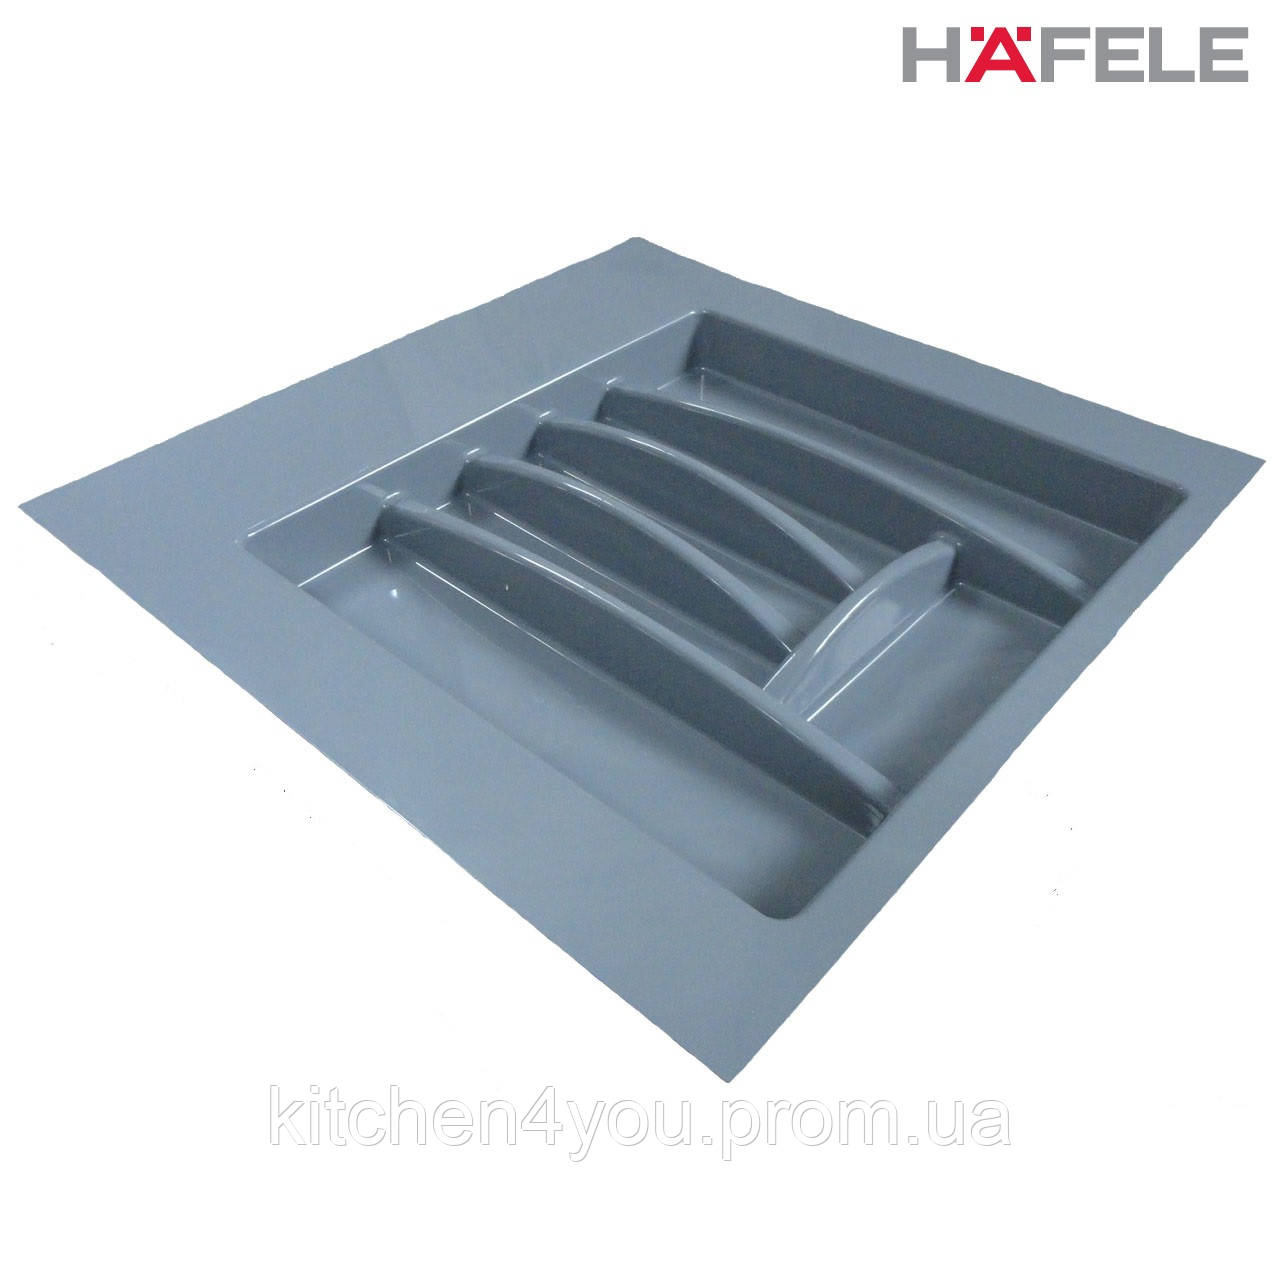 Лоток для столовых приборов серый Hafele (Германия) в ящик 500-550 мм. 503х498